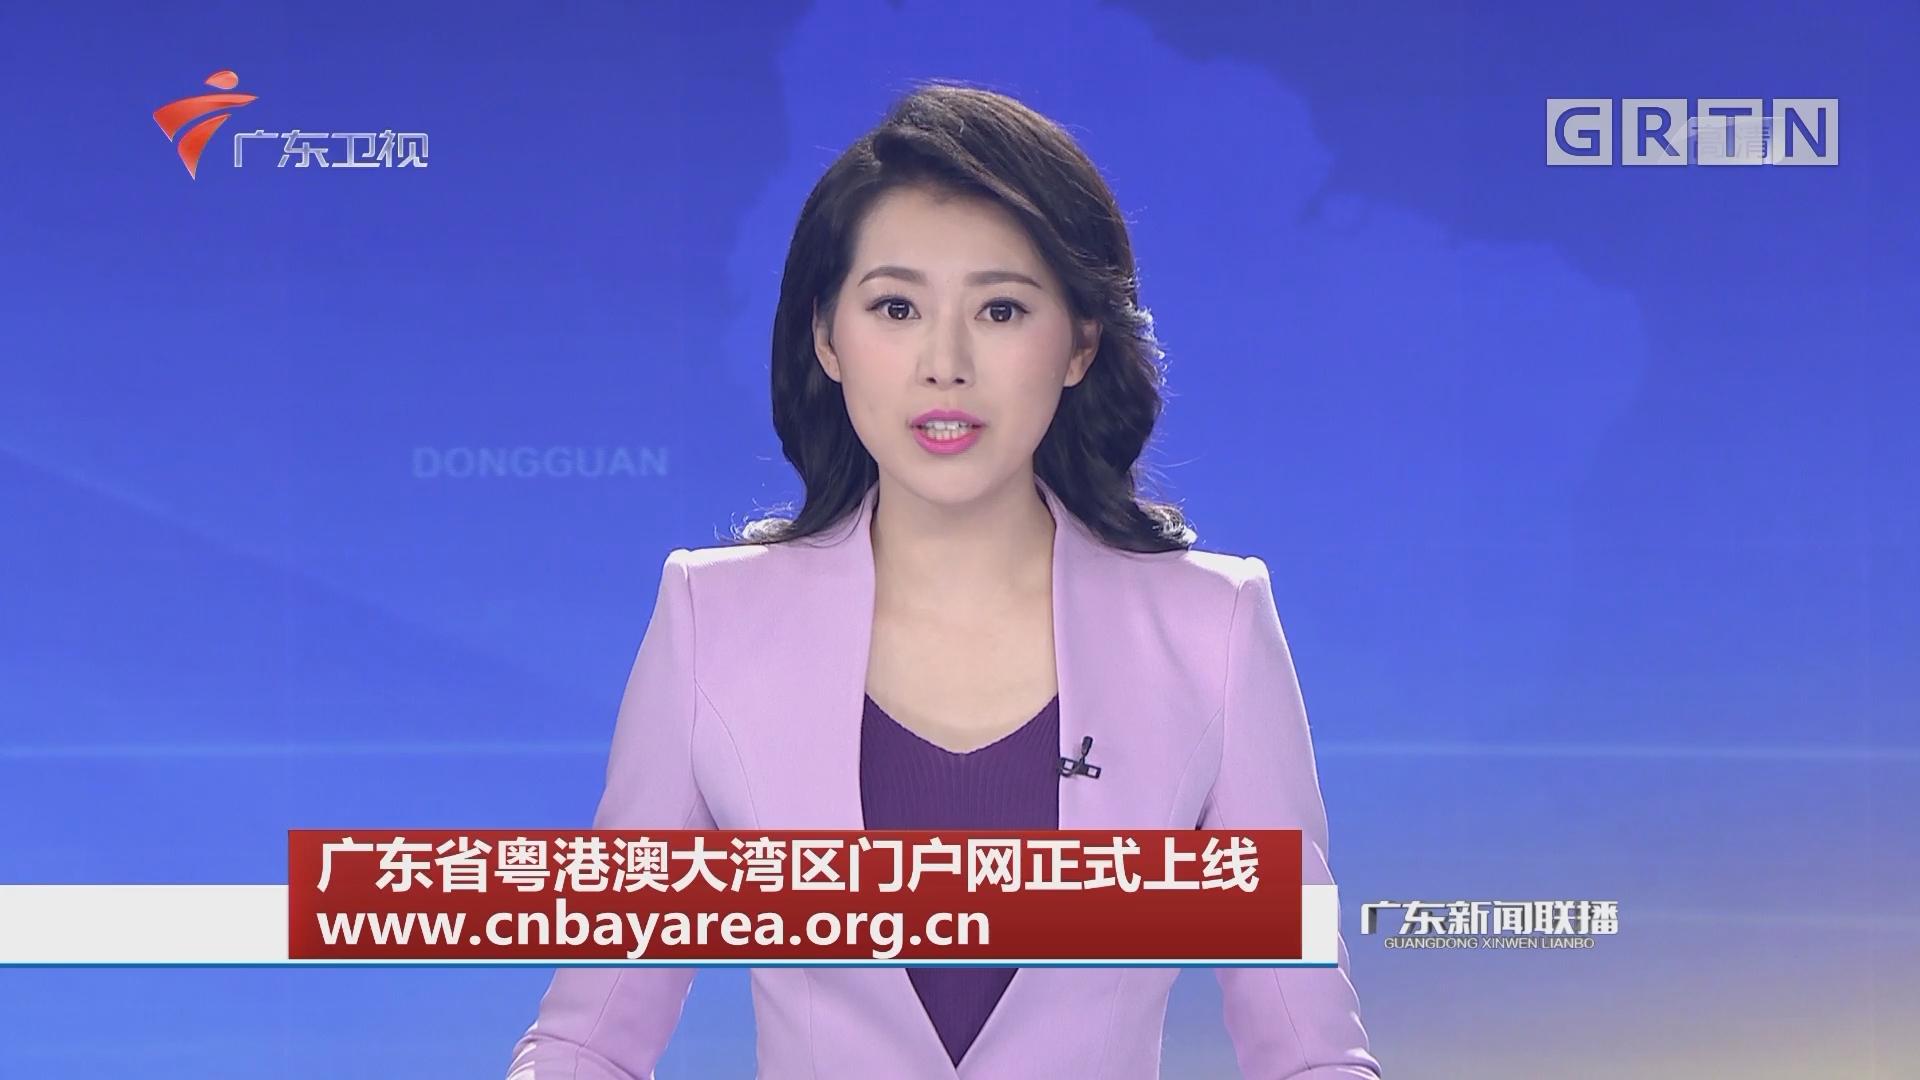 广东省粤港澳大湾区门户网正式上线 www.cnbayarea.org.cn